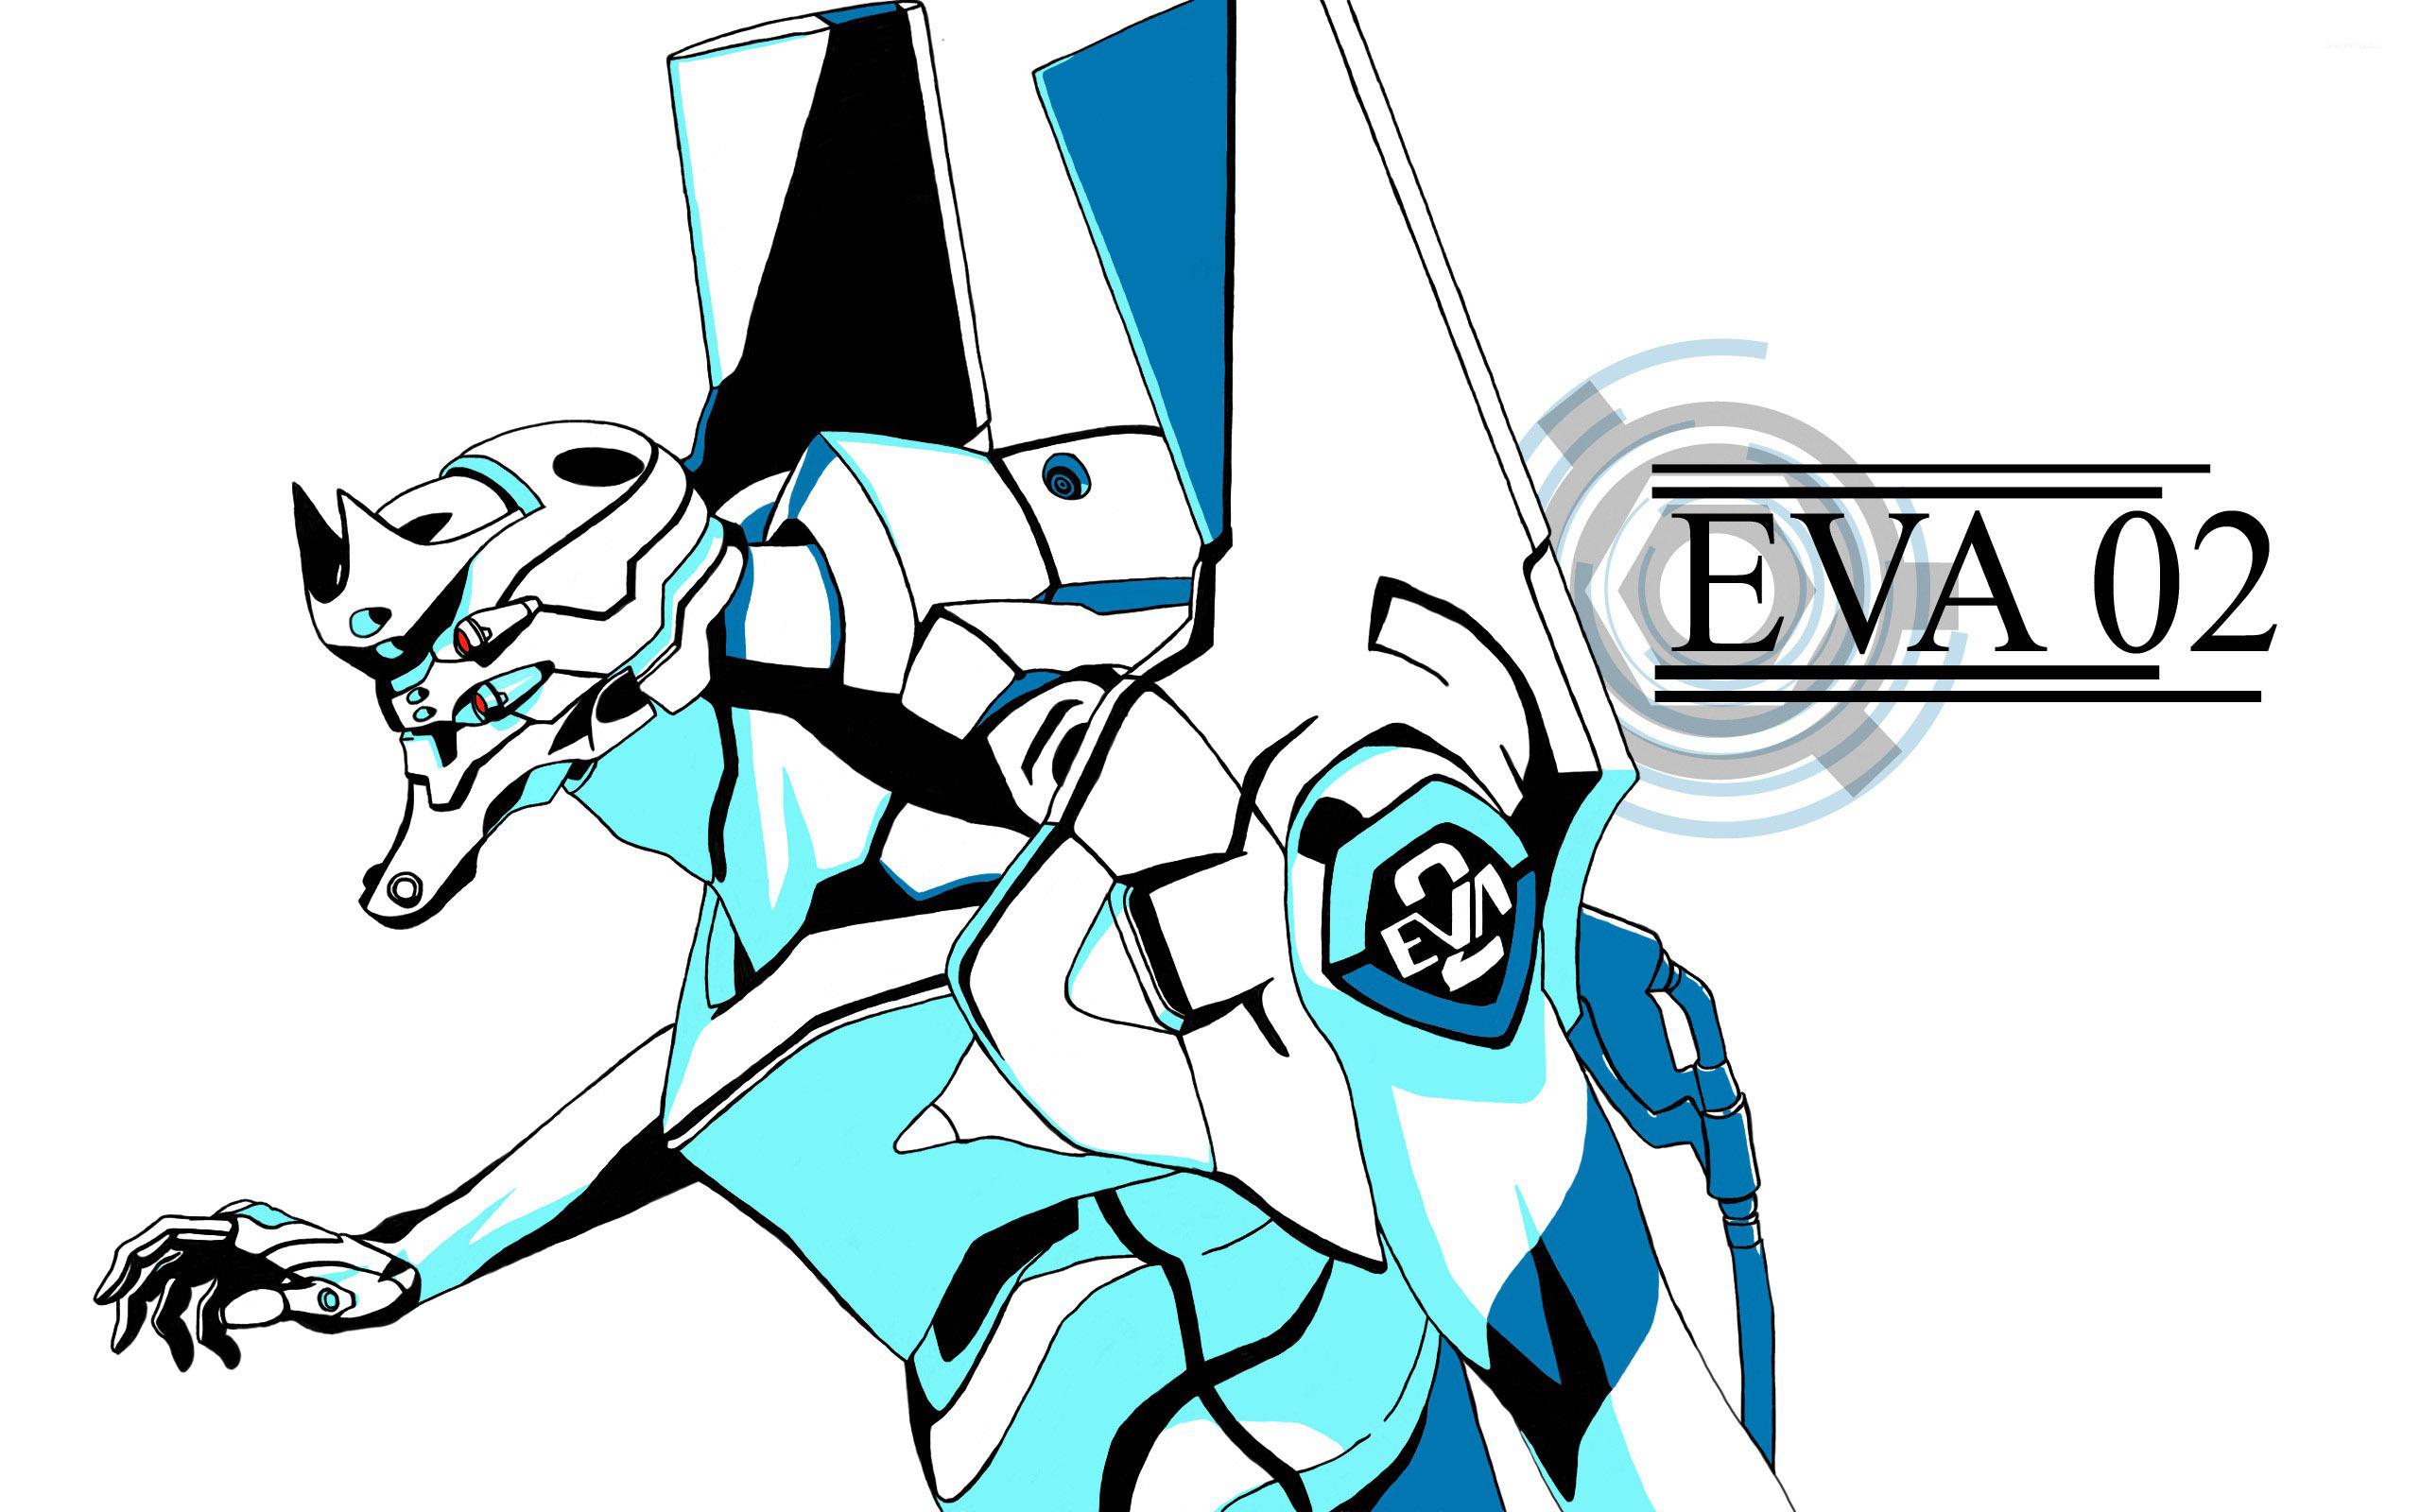 Eva 02 From Neon Genesis Evangelion Wallpaper